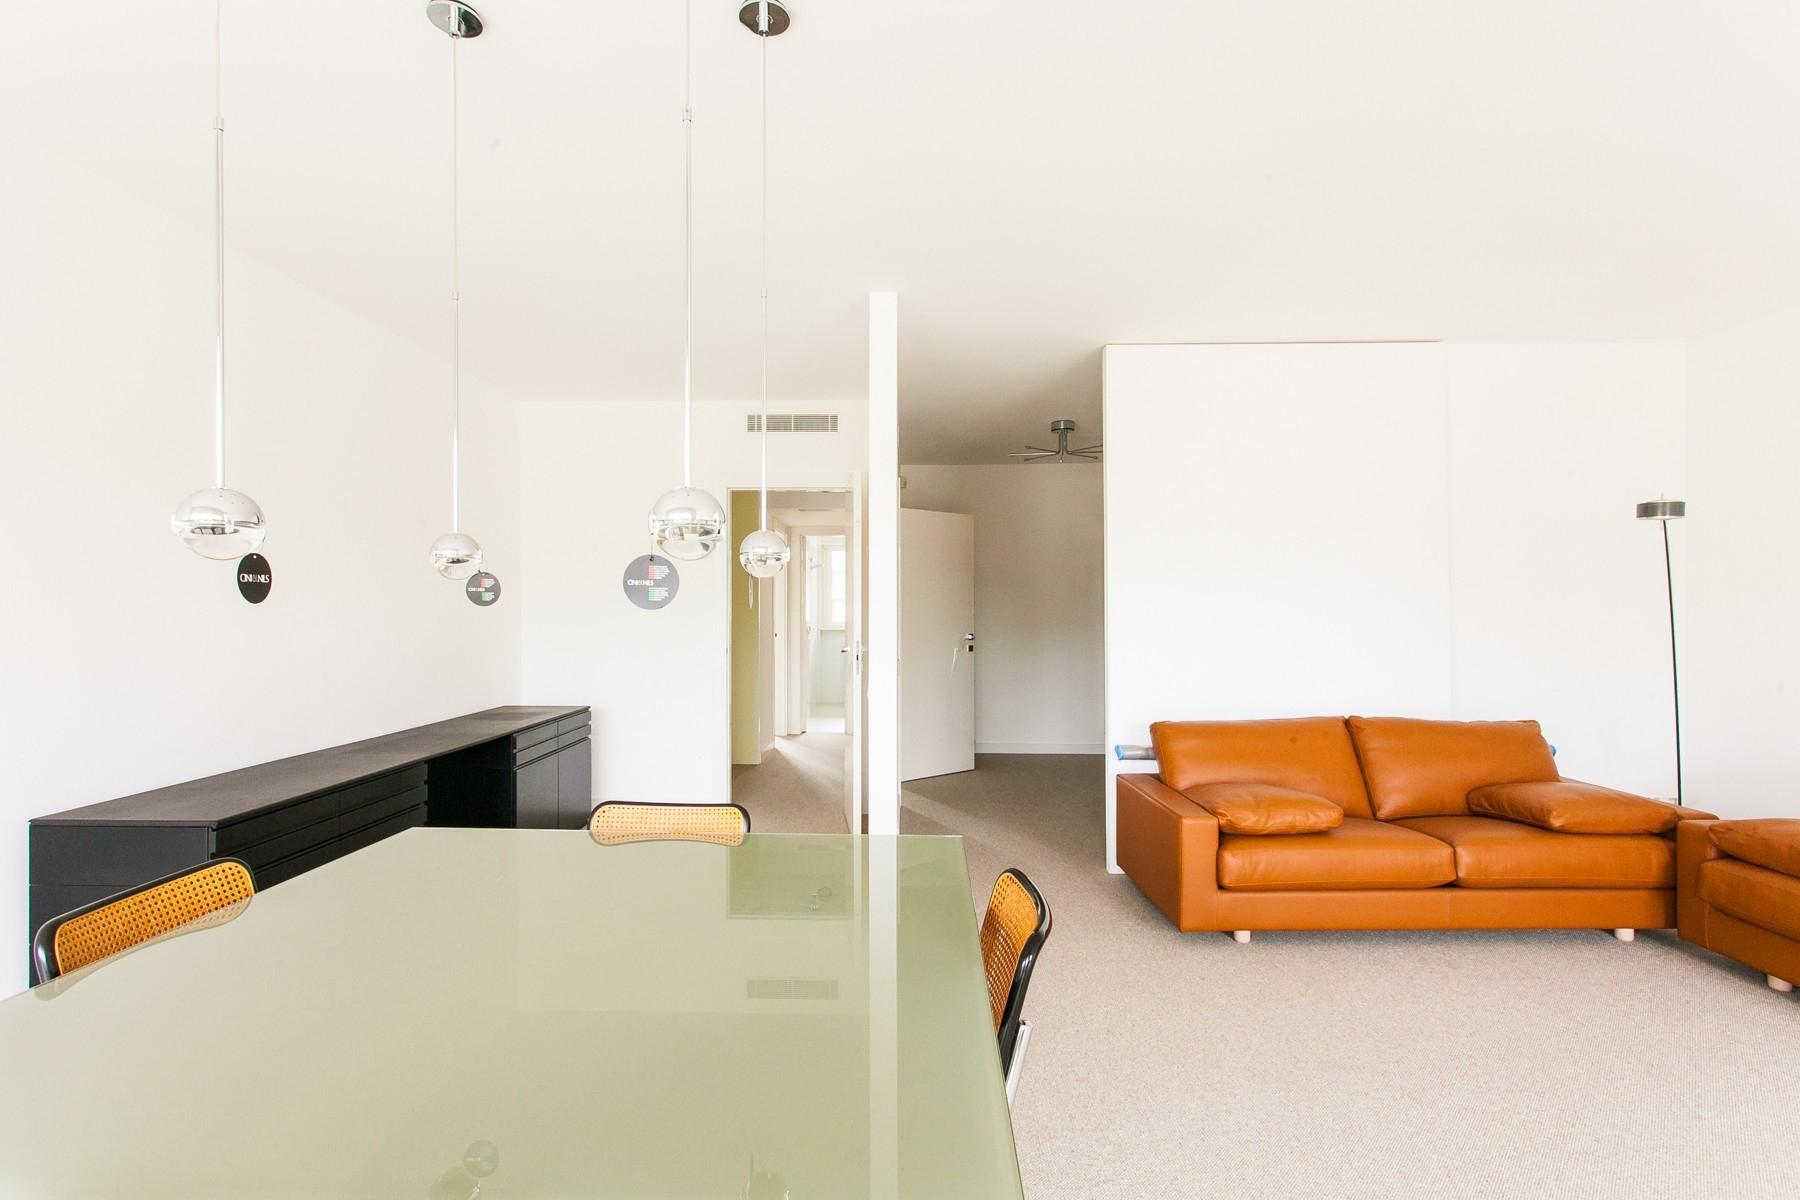 Neue moderne Wohnung mit geräumiger Terrasse - 3